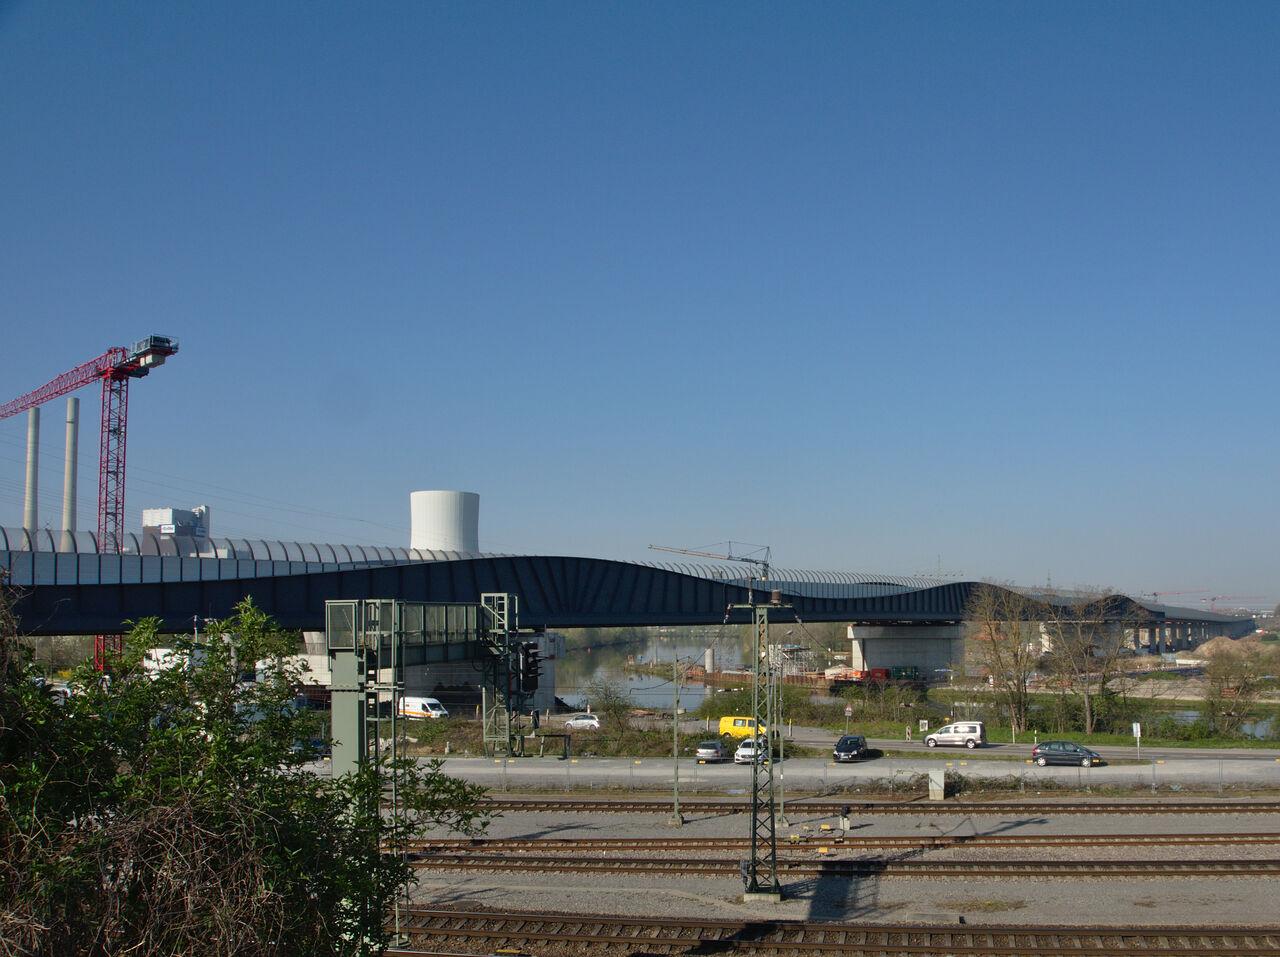 20200407_Autobahn_Neckarsulm_009